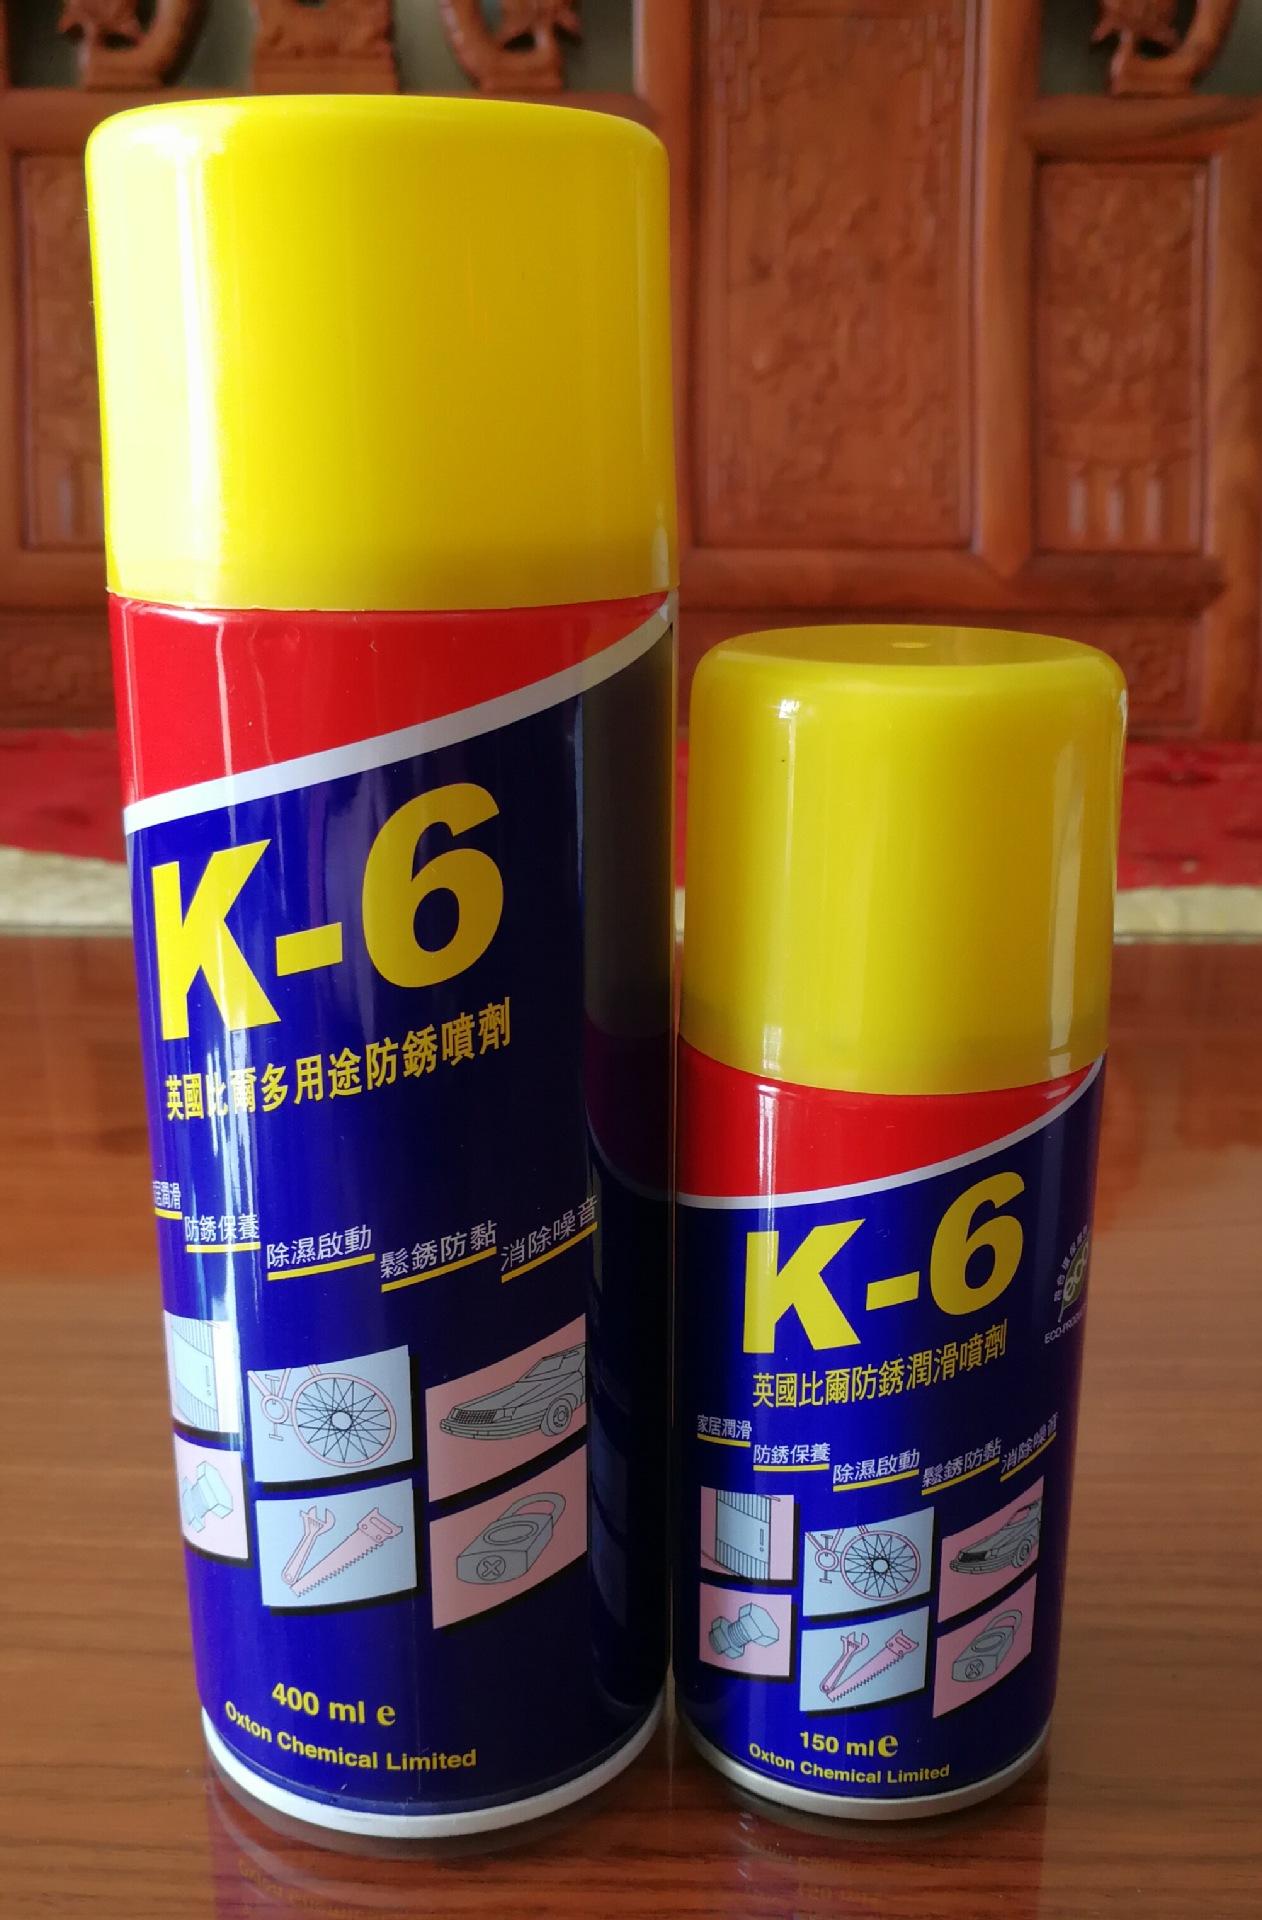 正宗英国比尔K-6多用途润滑喷剂防锈油防锈剂 400ml 润滑防锈保养